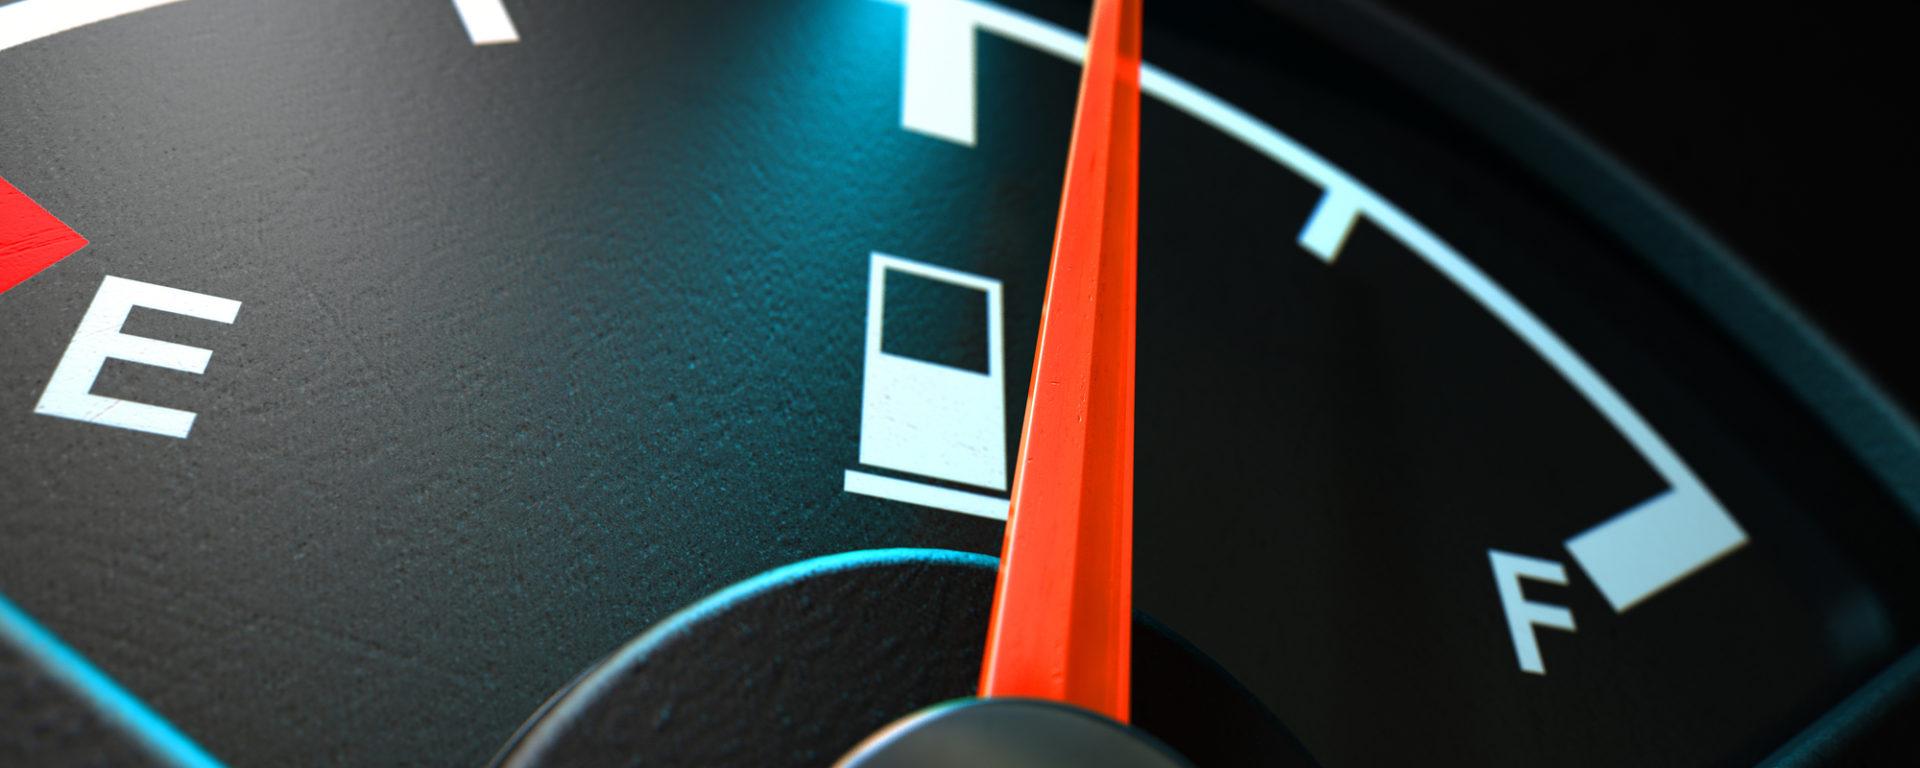 Carro-Indicando-Falta-de-Combustível-com-o-Tanque-Cheio